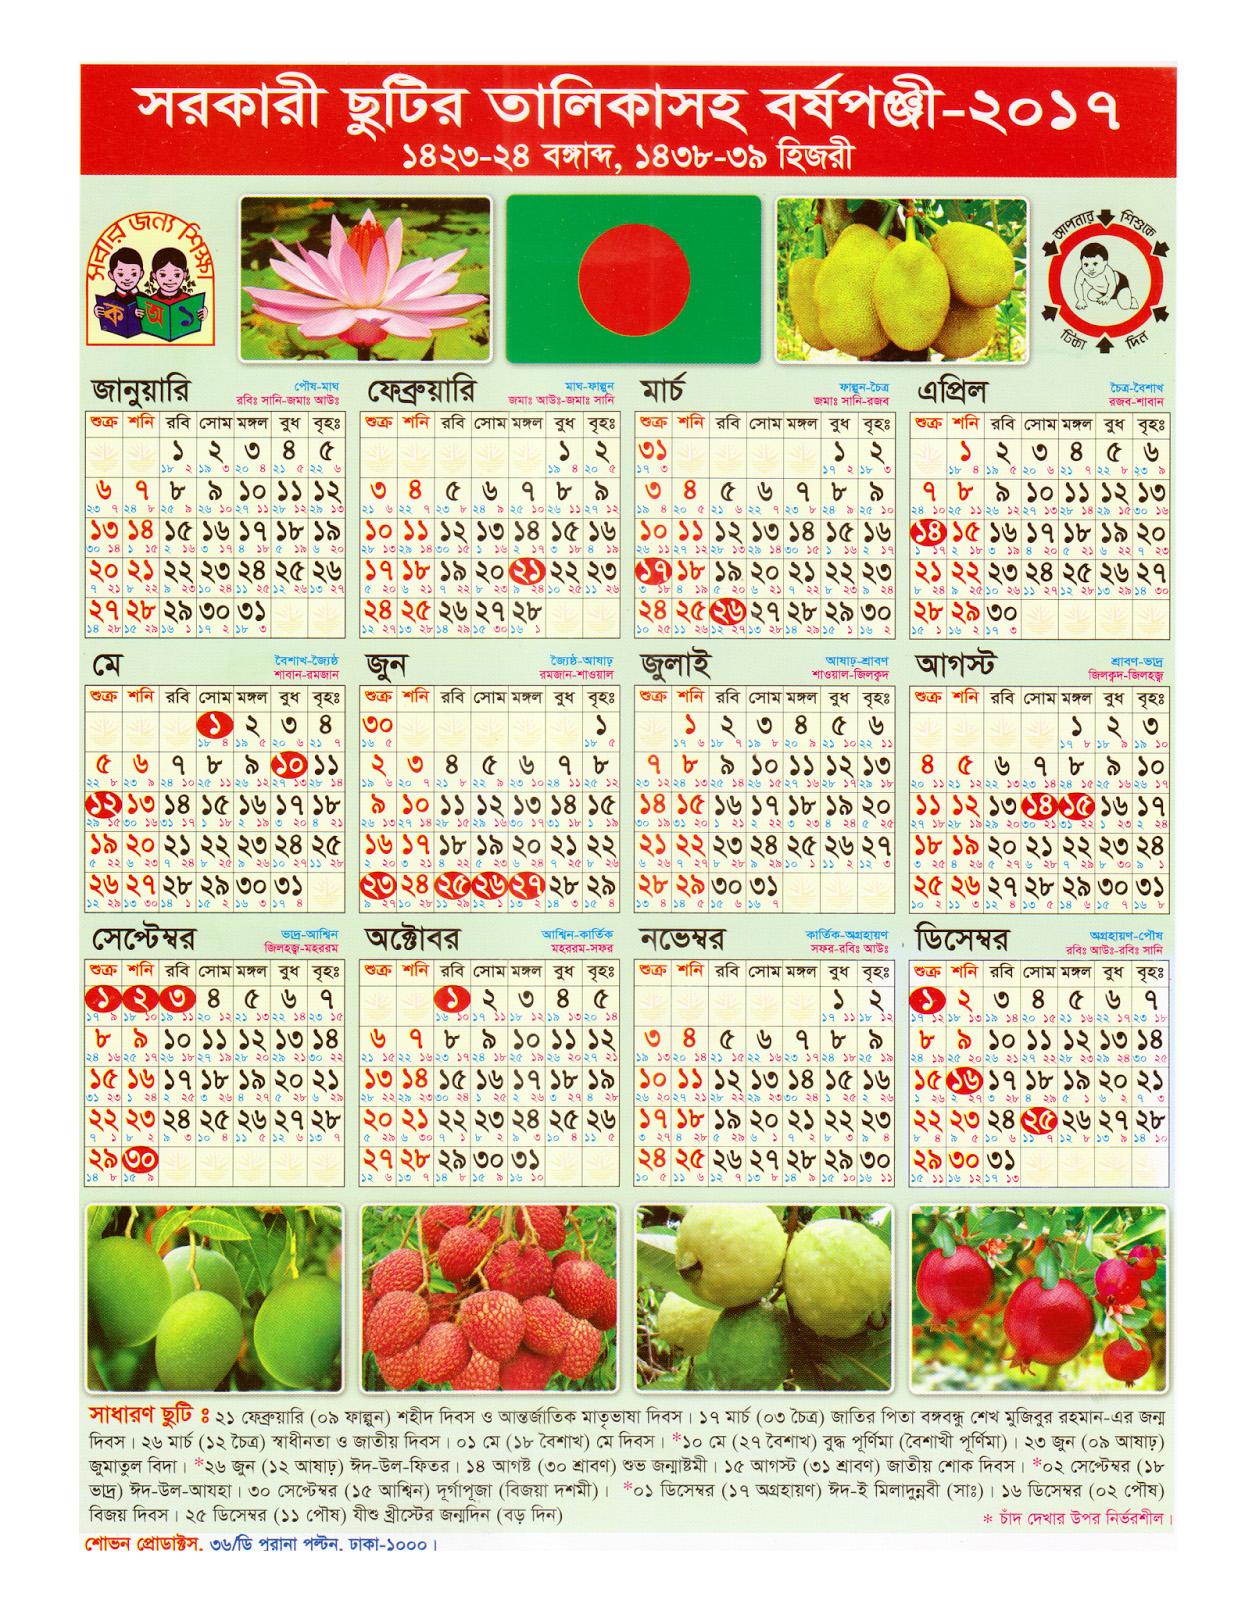 Bangladesh gov holiday 2019